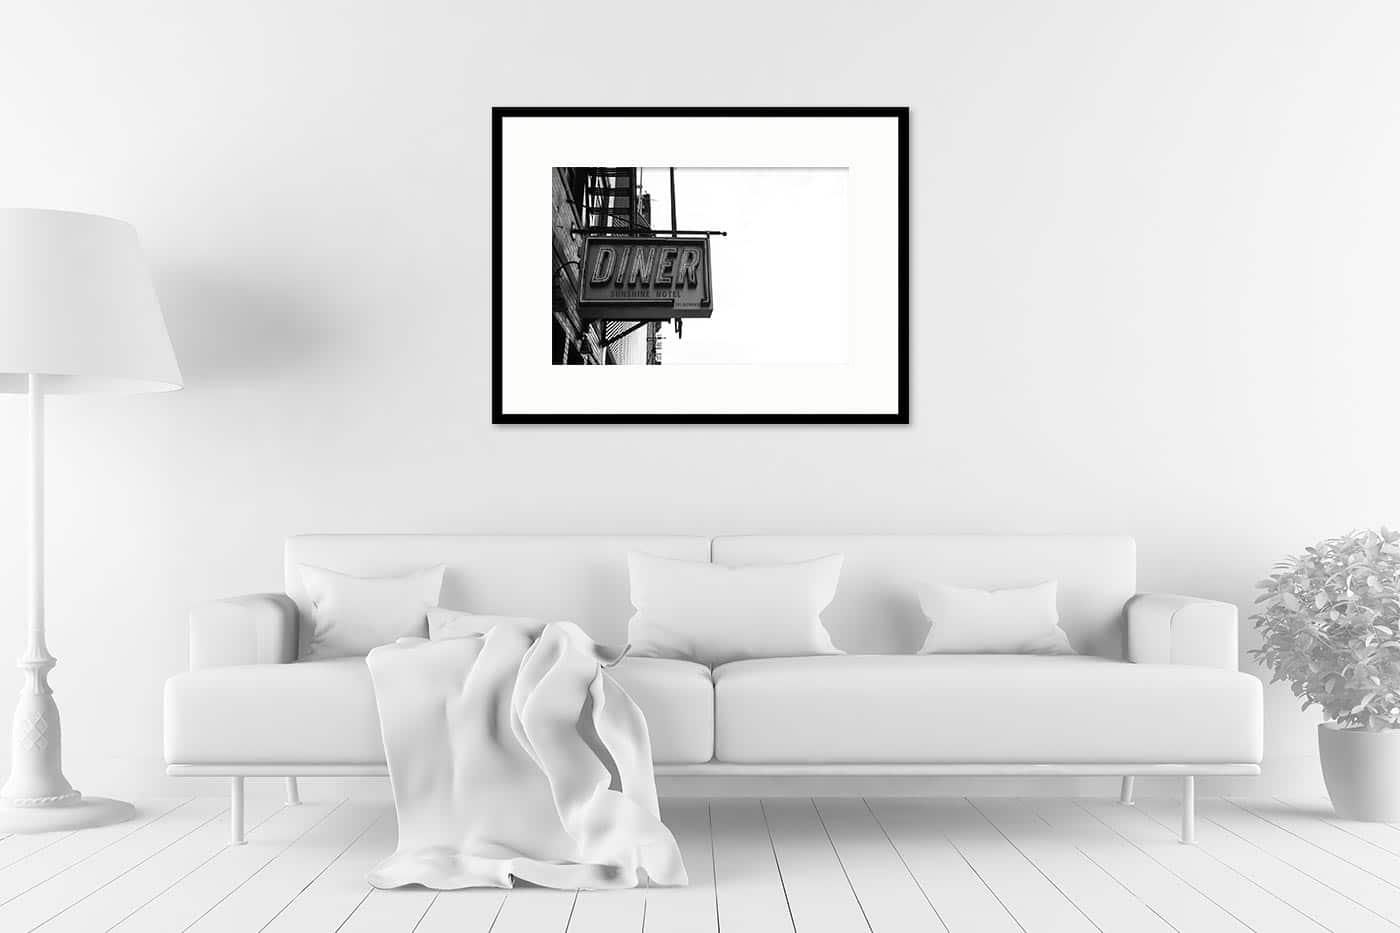 Cadre galerie 60x80 Diner